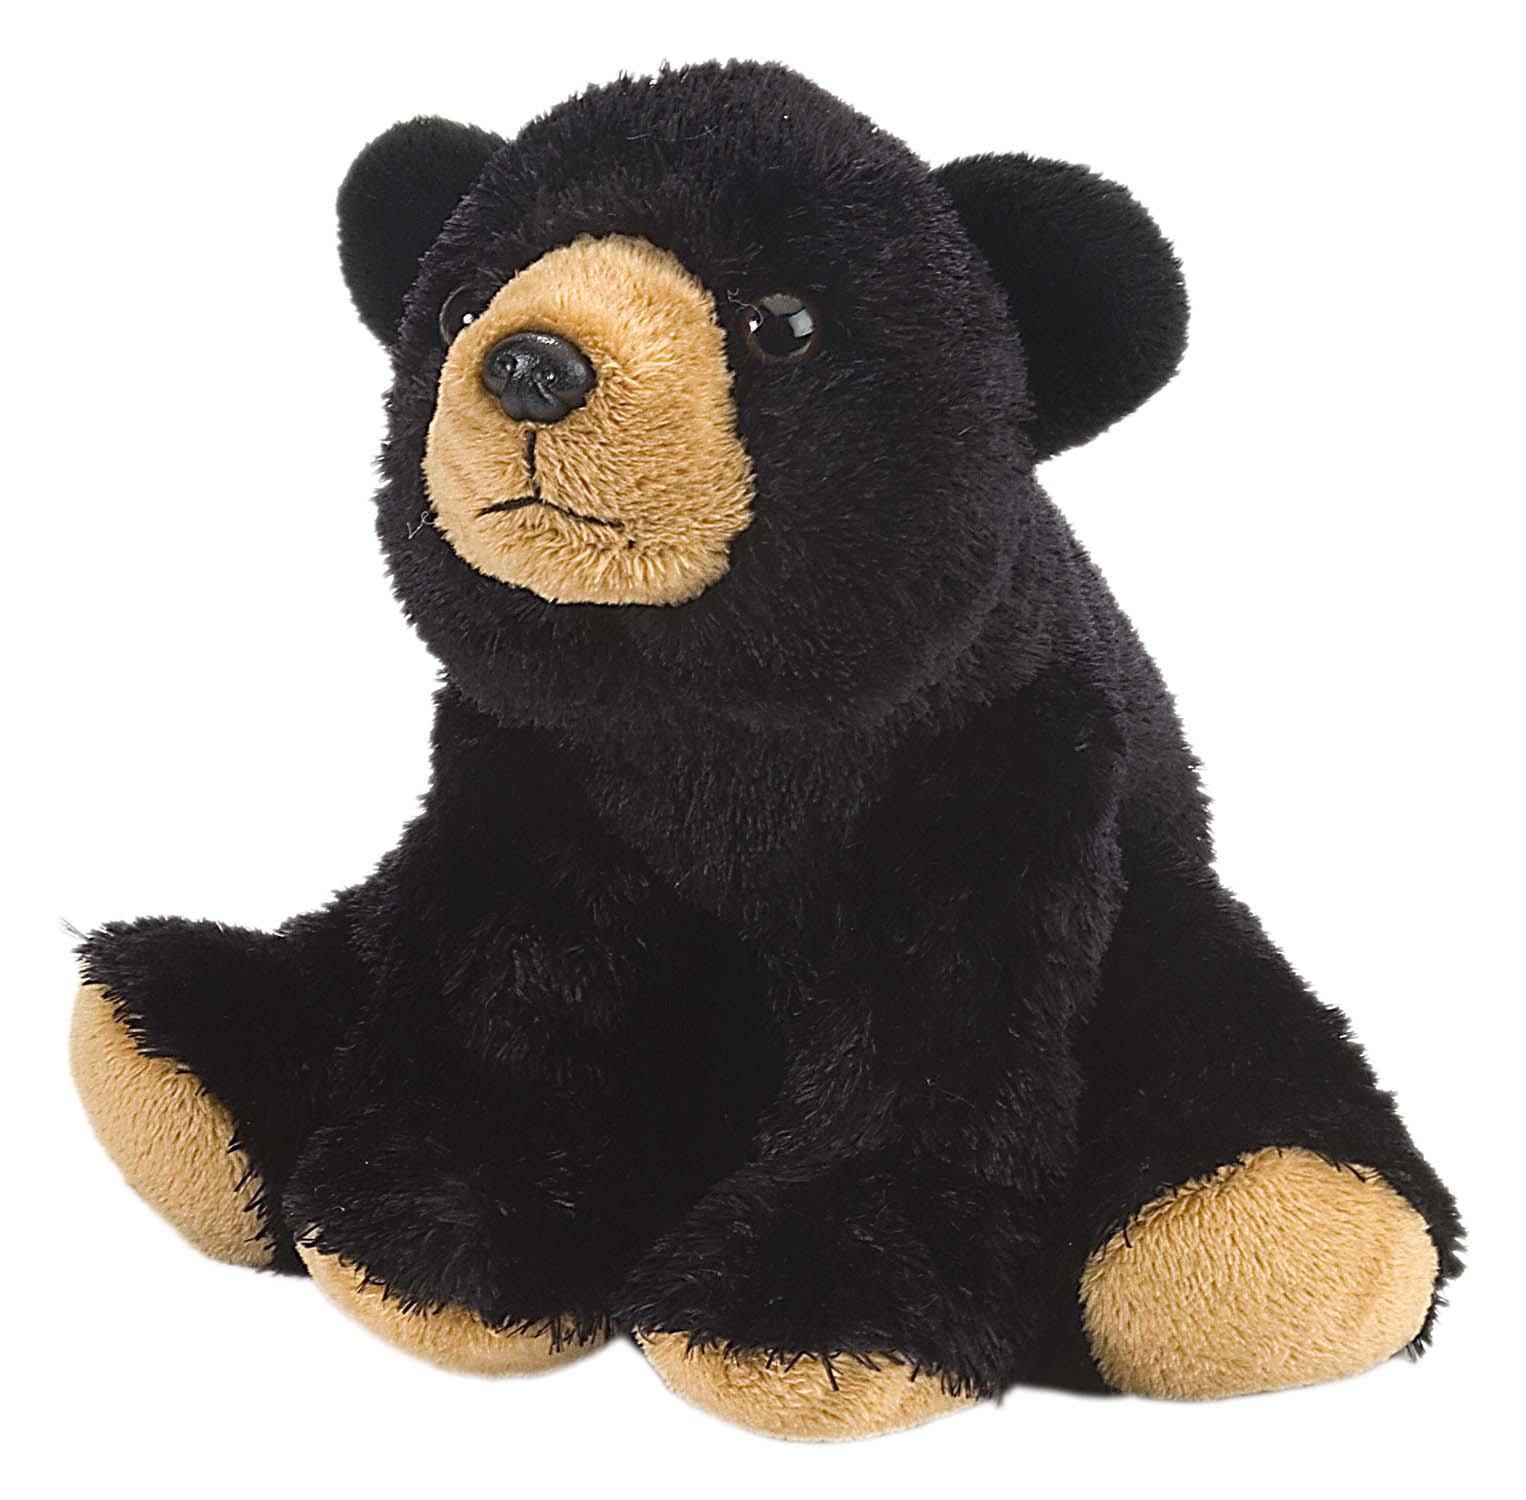 schwarzer Bär ca. 20 cm